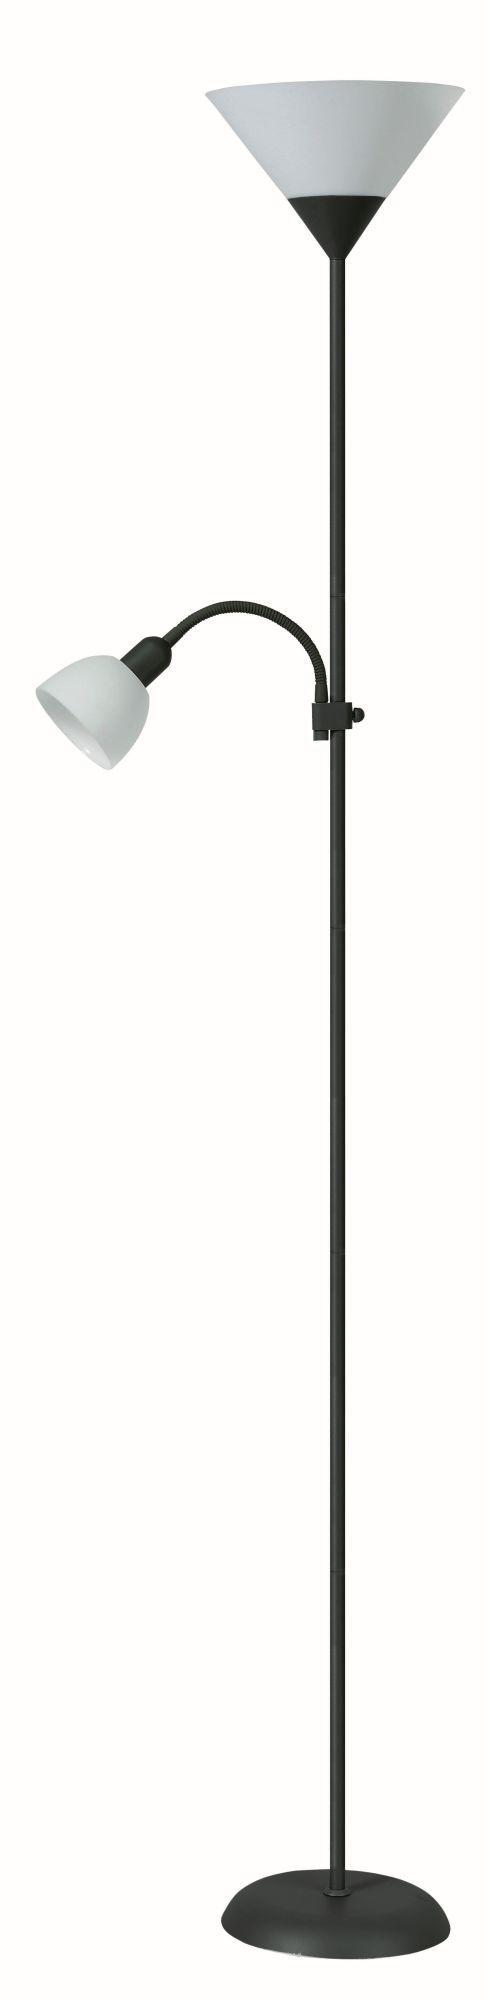 Stojanová lampa Action 4062 (čierna + biela)